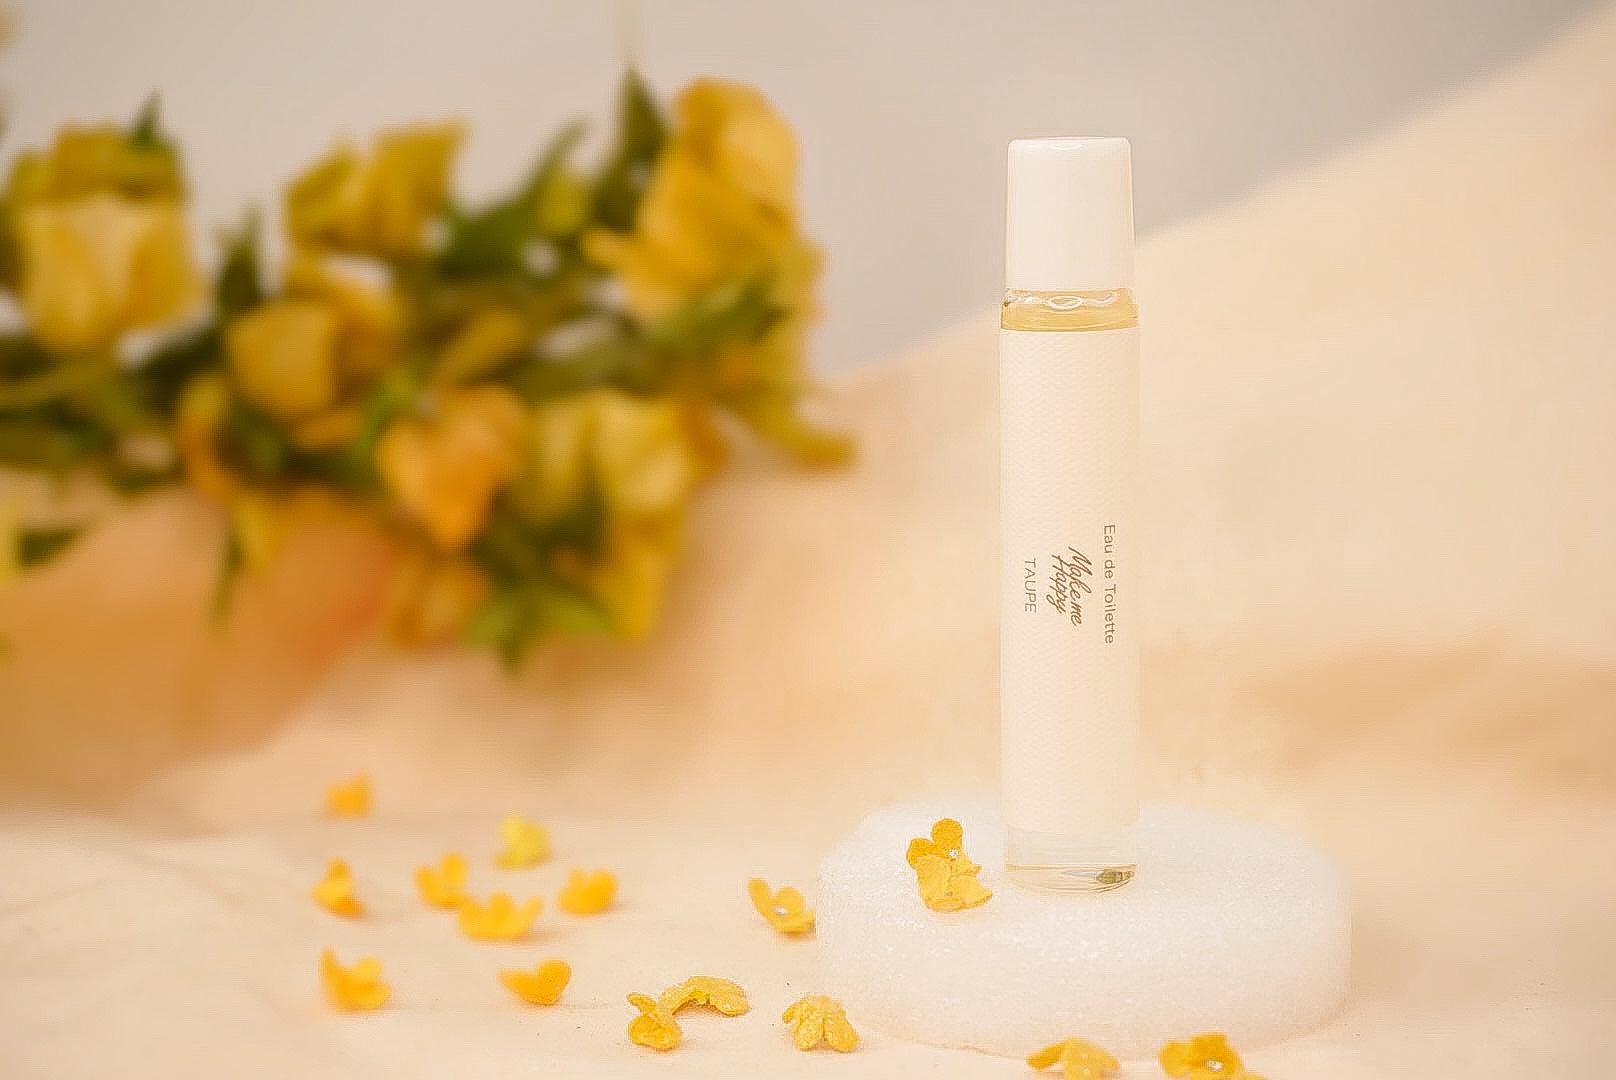 いい香り…と褒められる! 美容担当が絶賛する「秋を先取る香り」アイテム5つ